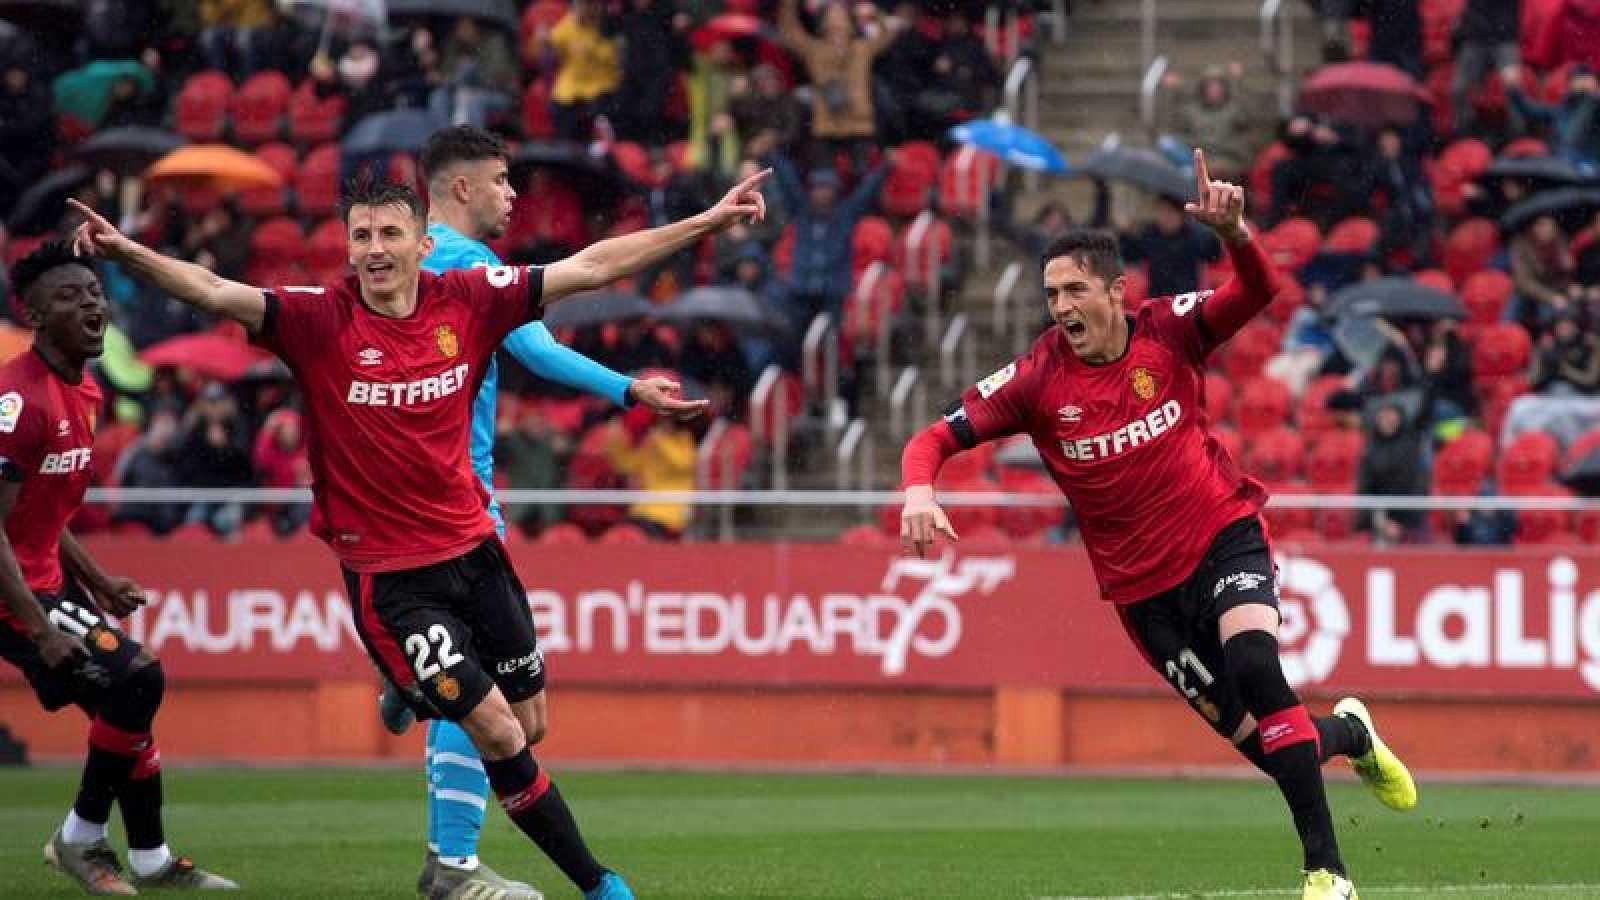 El delantero croata del Mallorca Budimir celebra uno de sus dos tantos ante el Valencia.